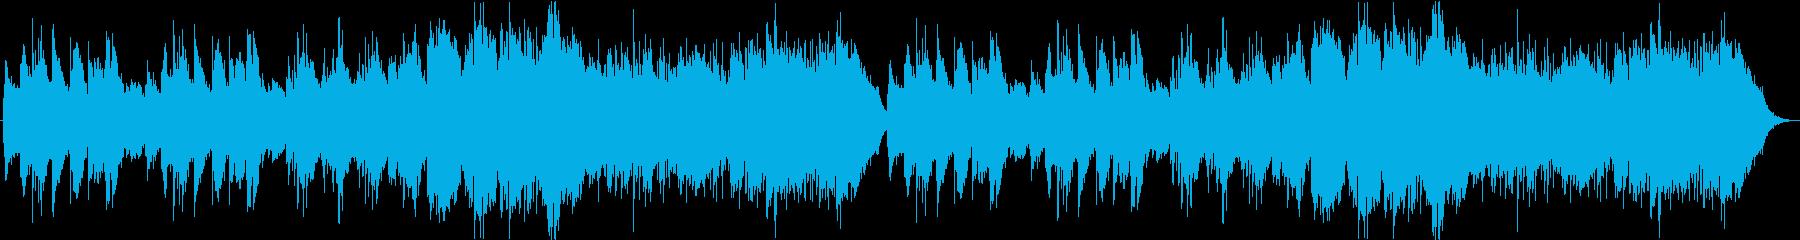 穏やかなケルト曲の再生済みの波形